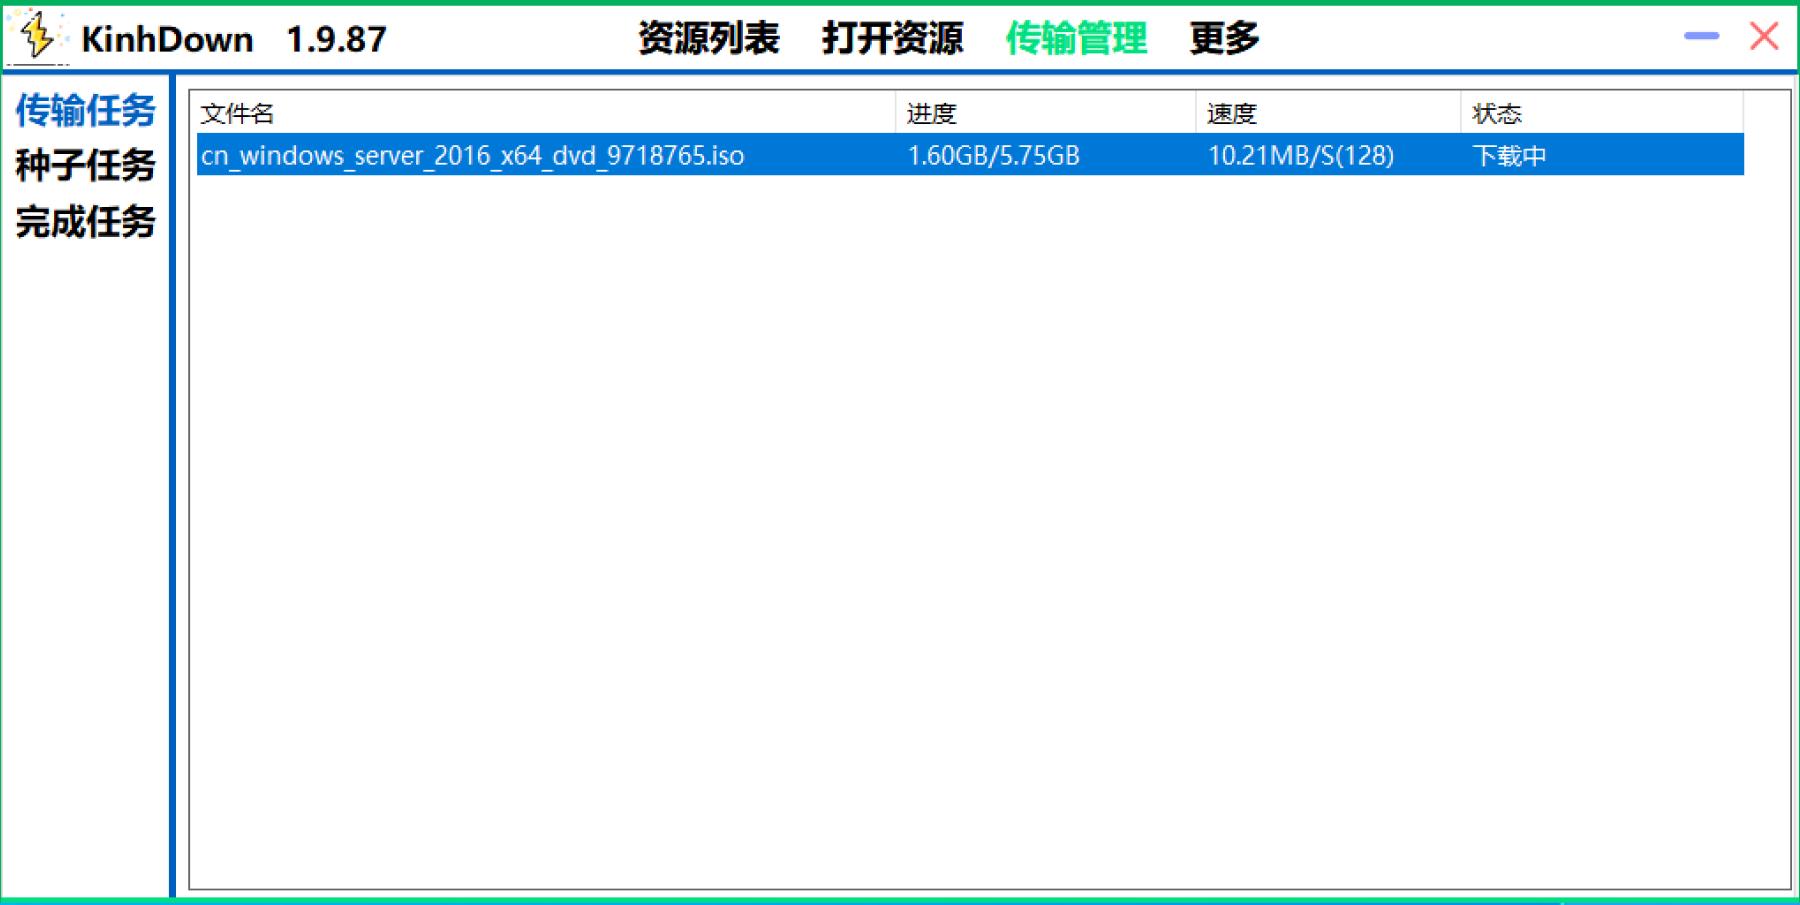 KinhDown2.5.35最新版 KinhDown天翼云盘